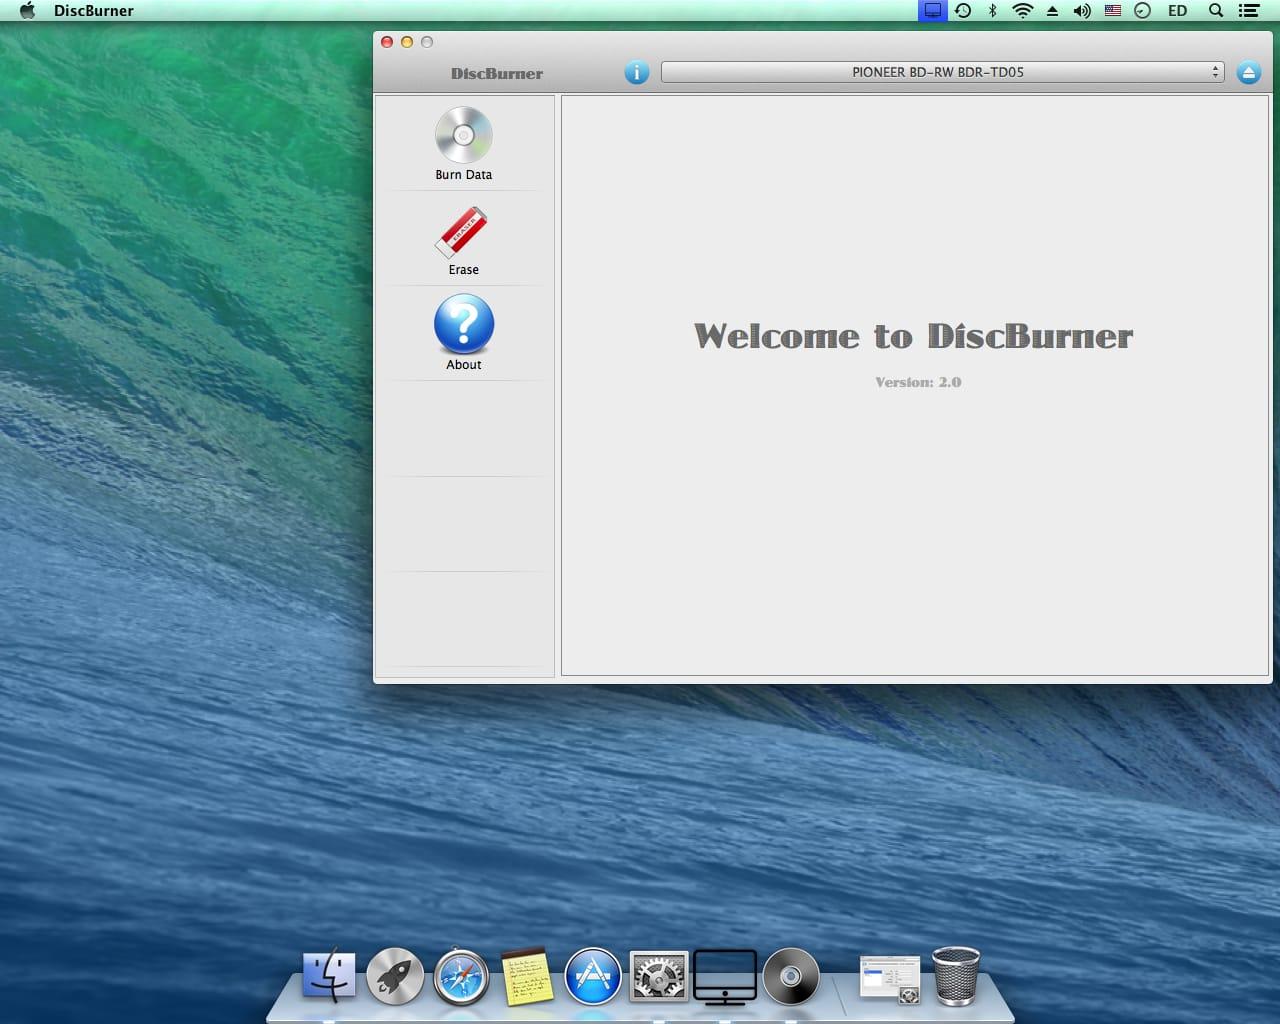 DiscBurner